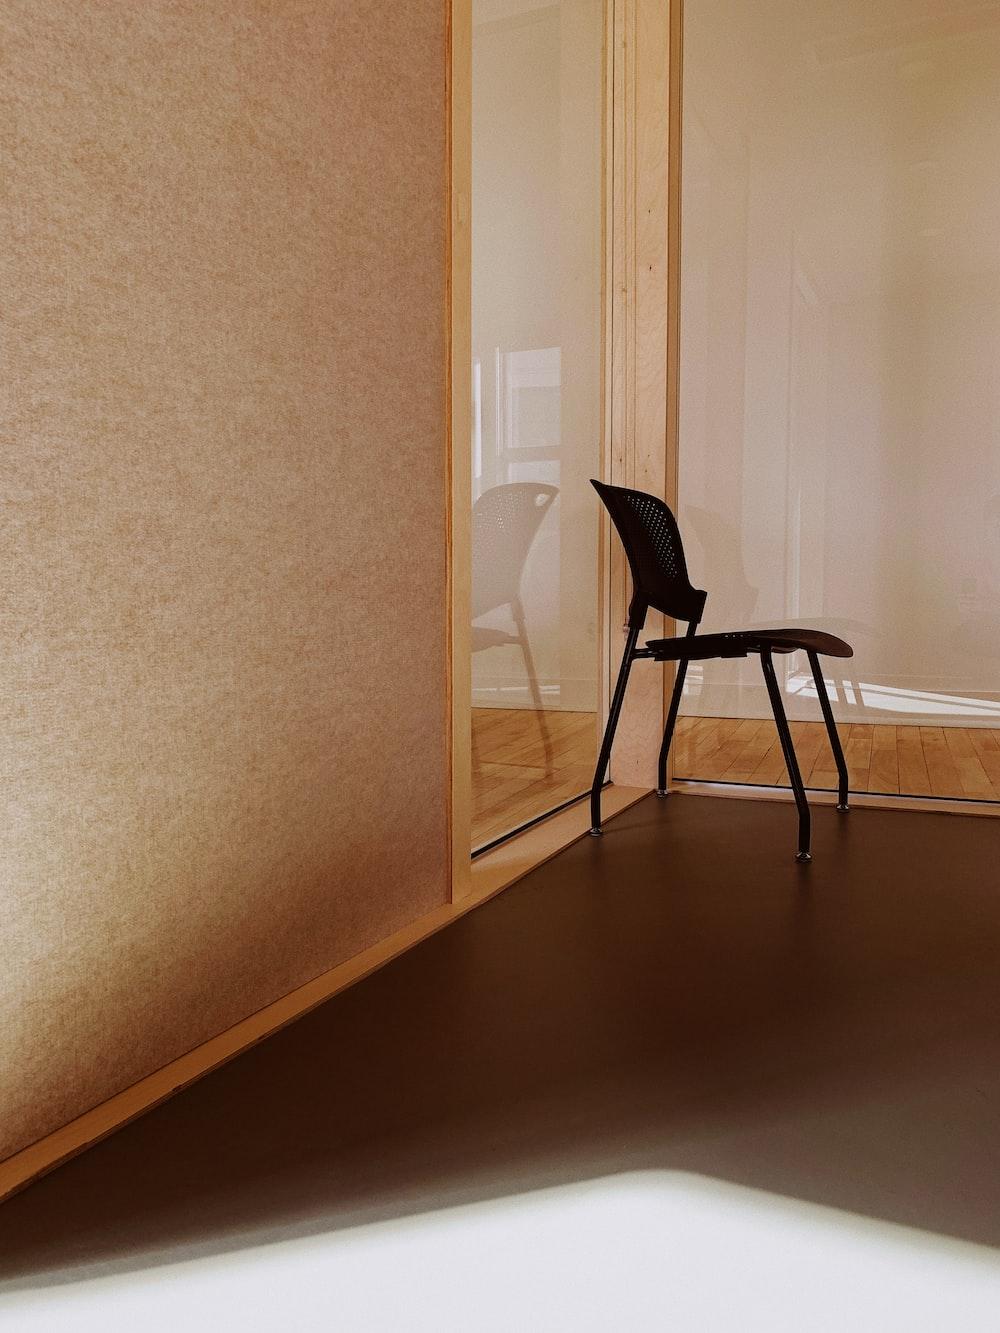 black plaited chair